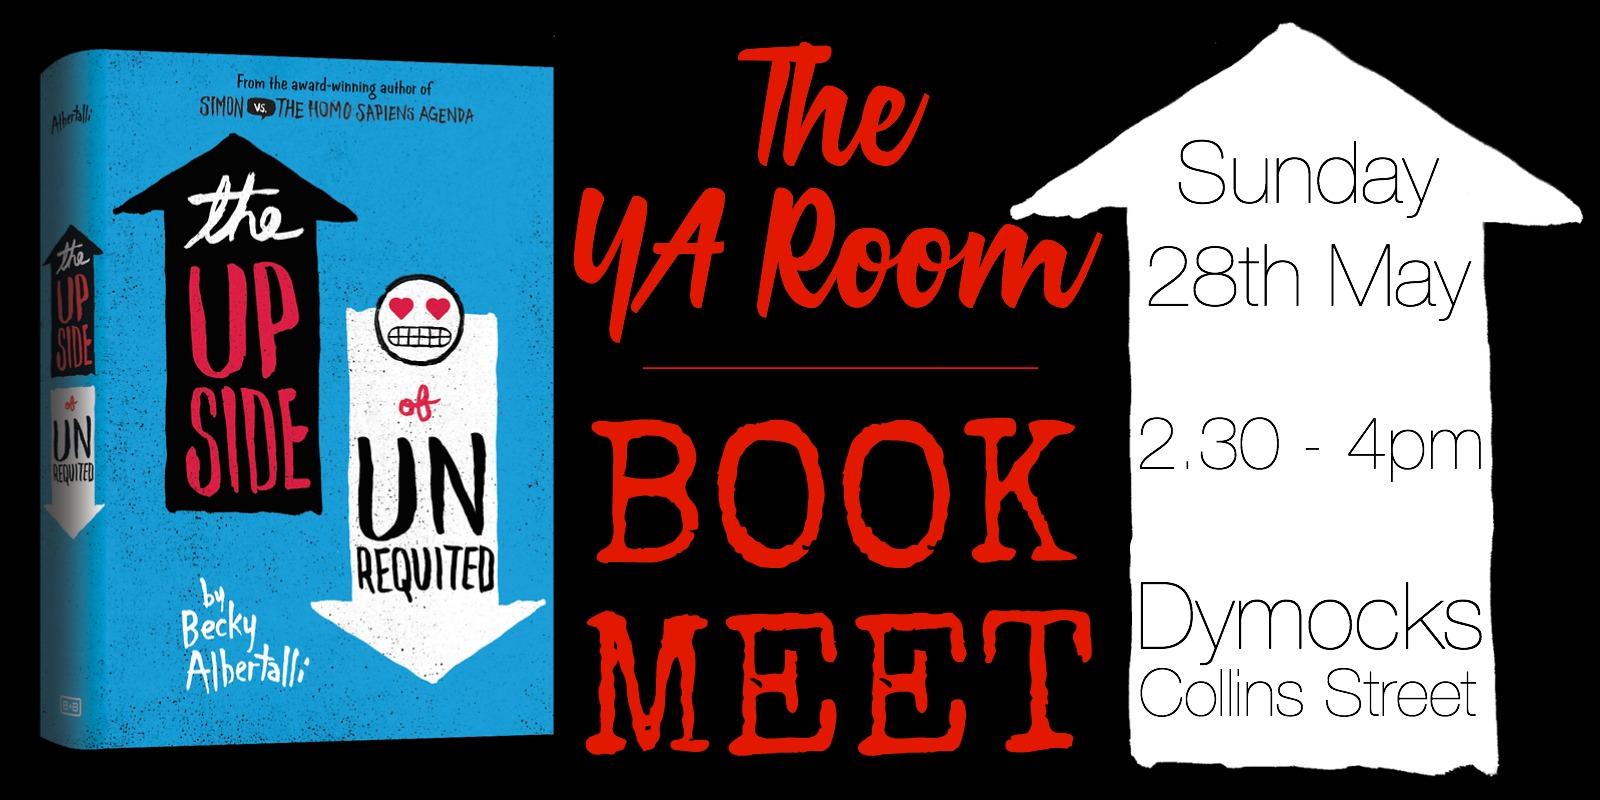 Upside Book Meet